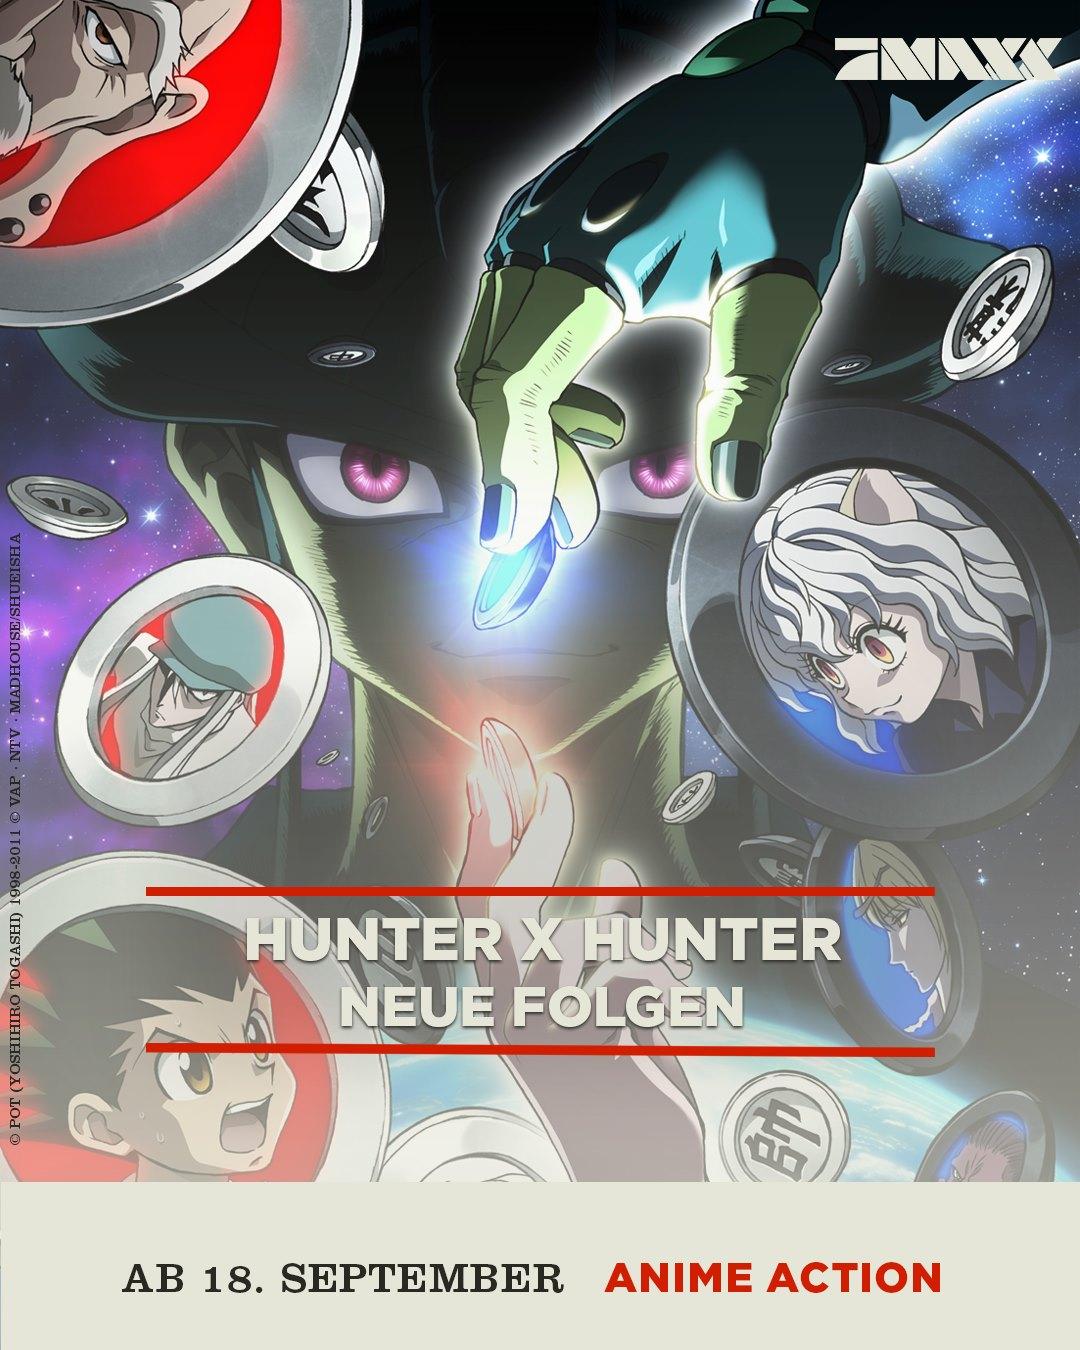 Hunter X Hunter Wie Viele Folgen